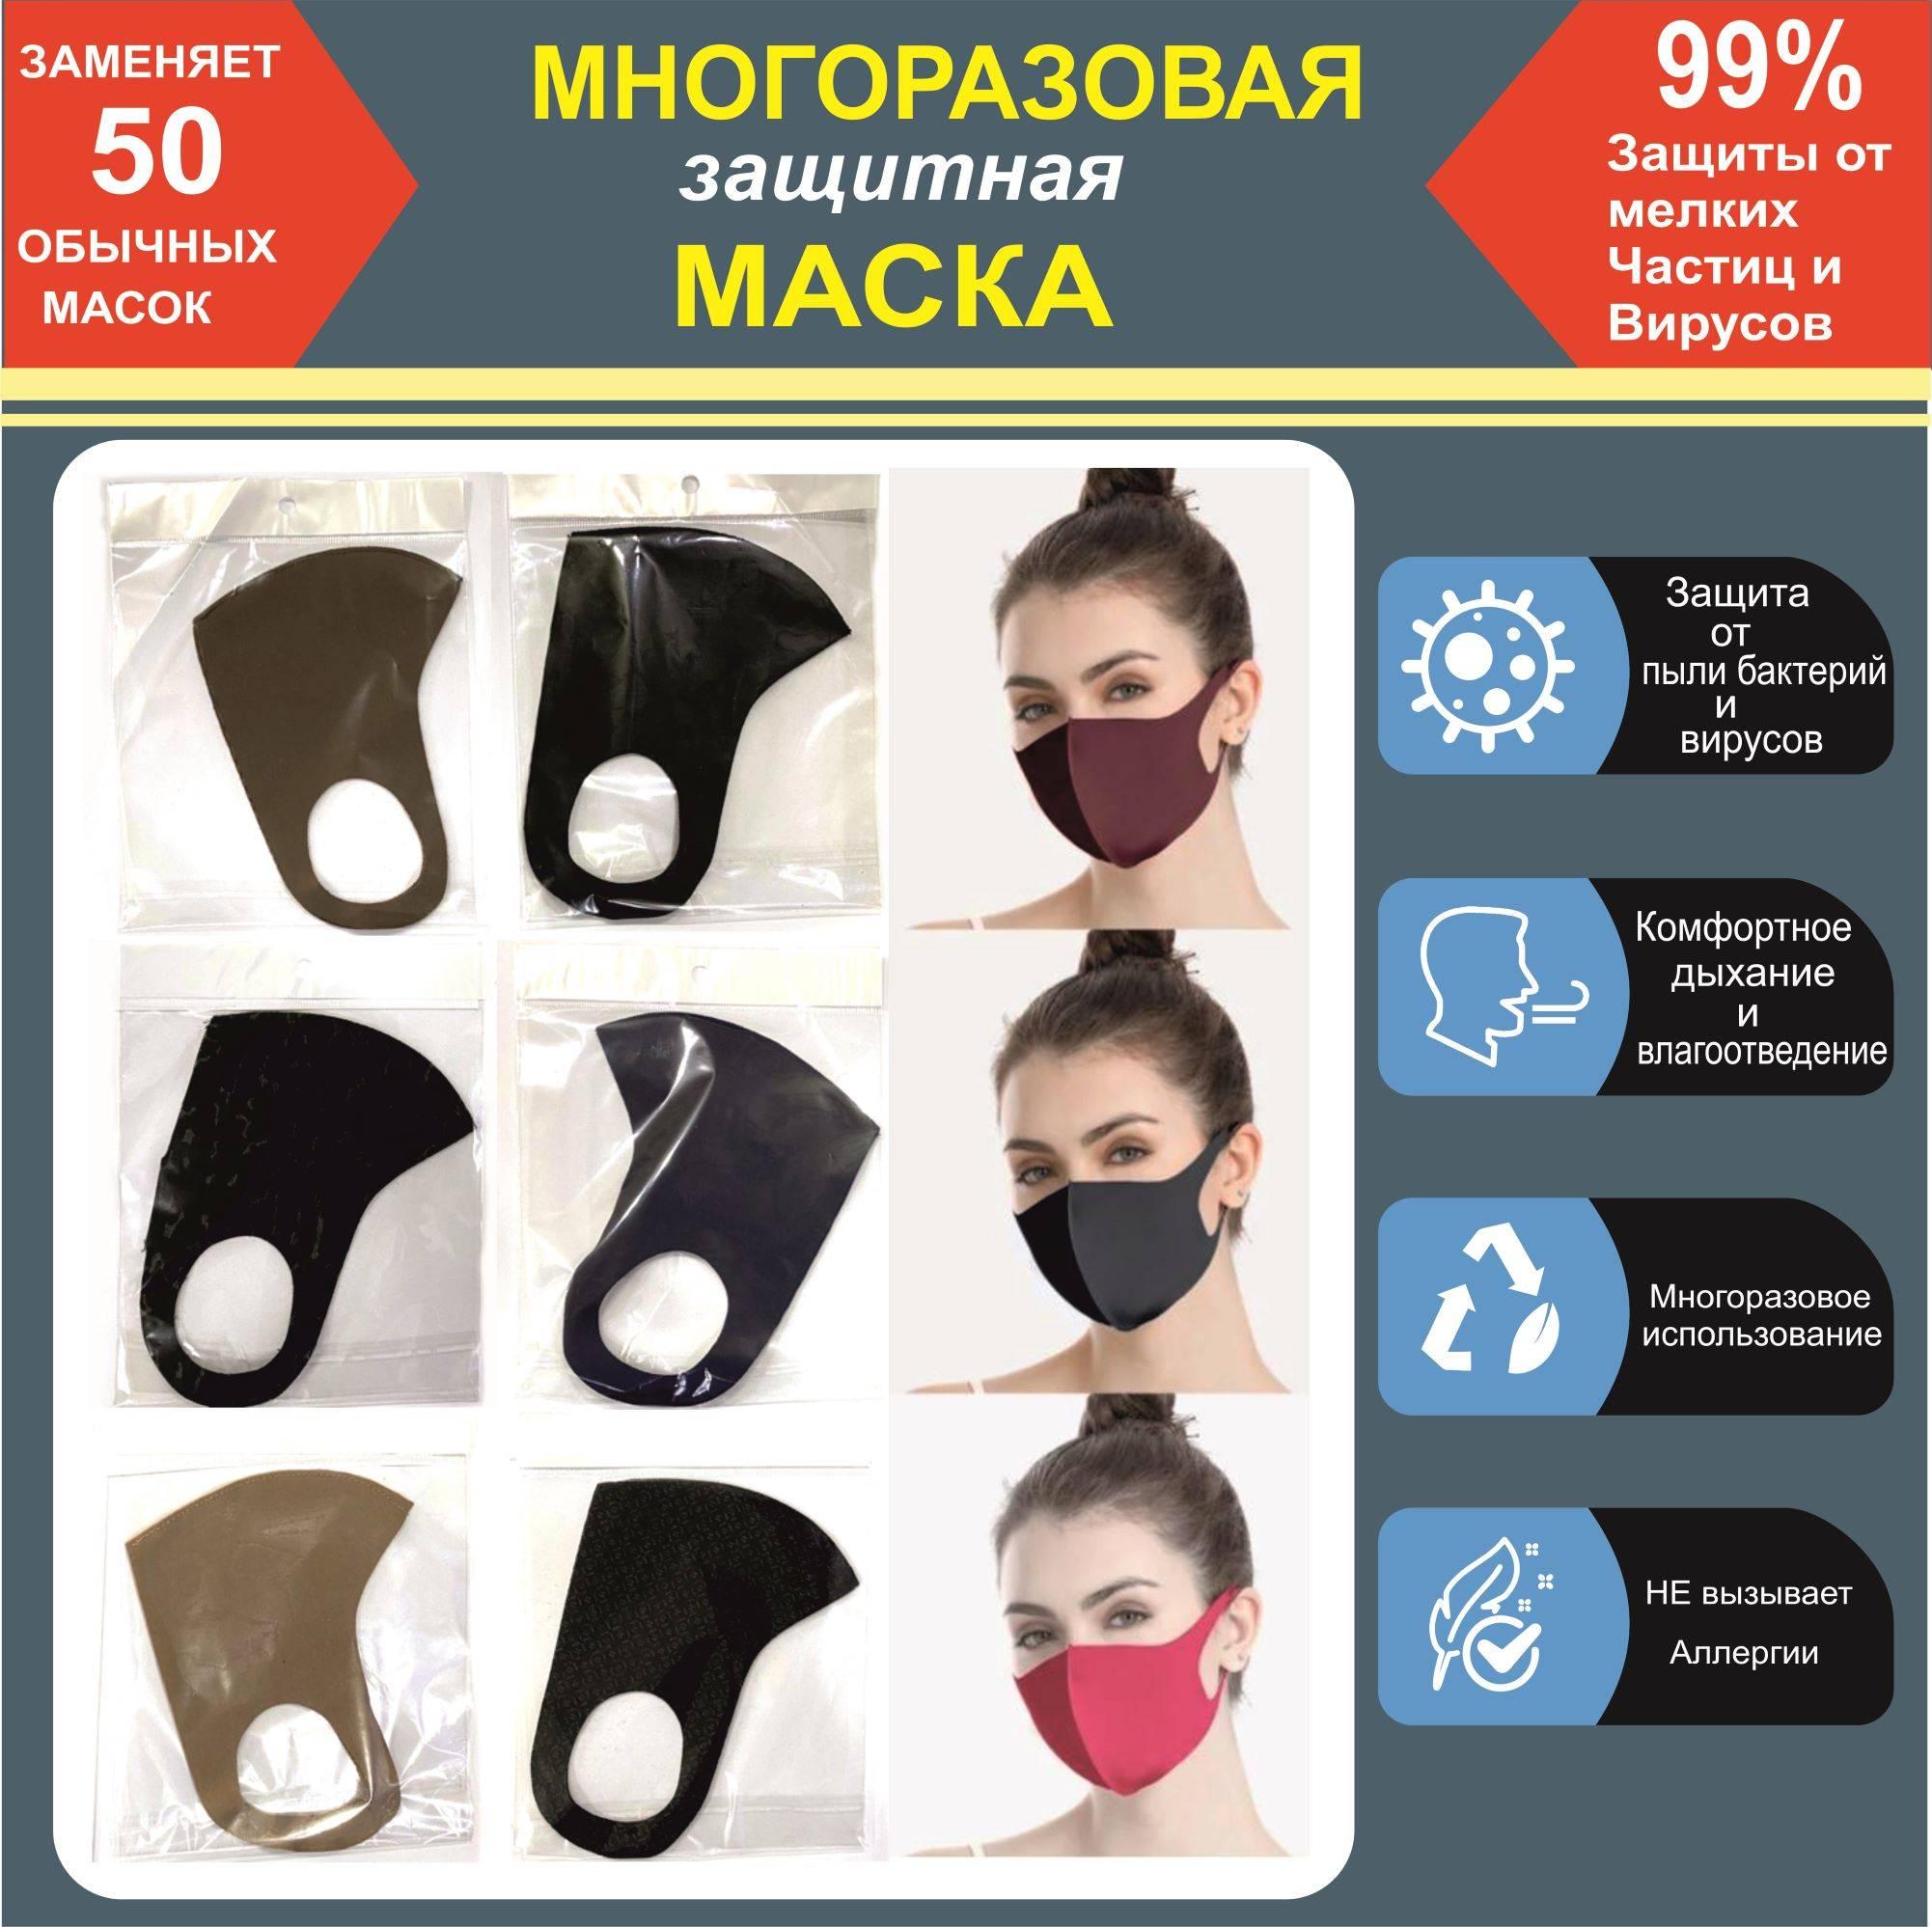 Все про медицинские маски – можно ли их стирать, и какие лучше защищают от коронавируса